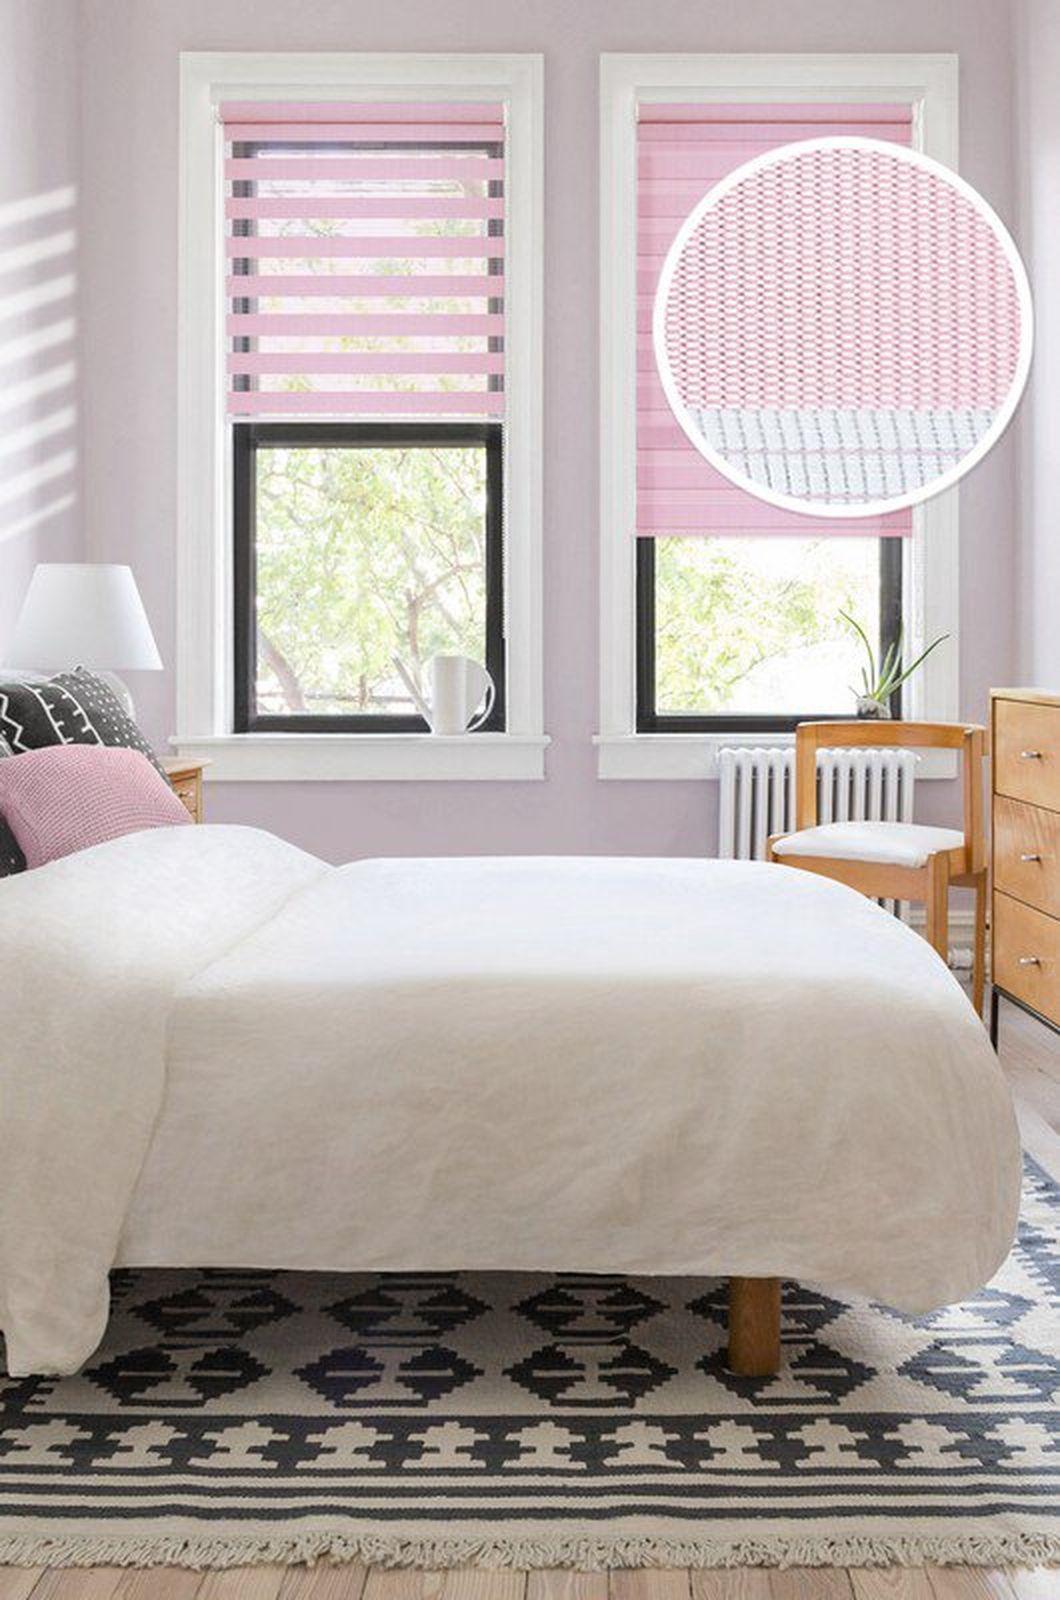 Миниролло Эскар День-Ночь, розовый, 52х170 см шторы рулонные ролло идея рулонная штора ролло lux satin терракот 60 см